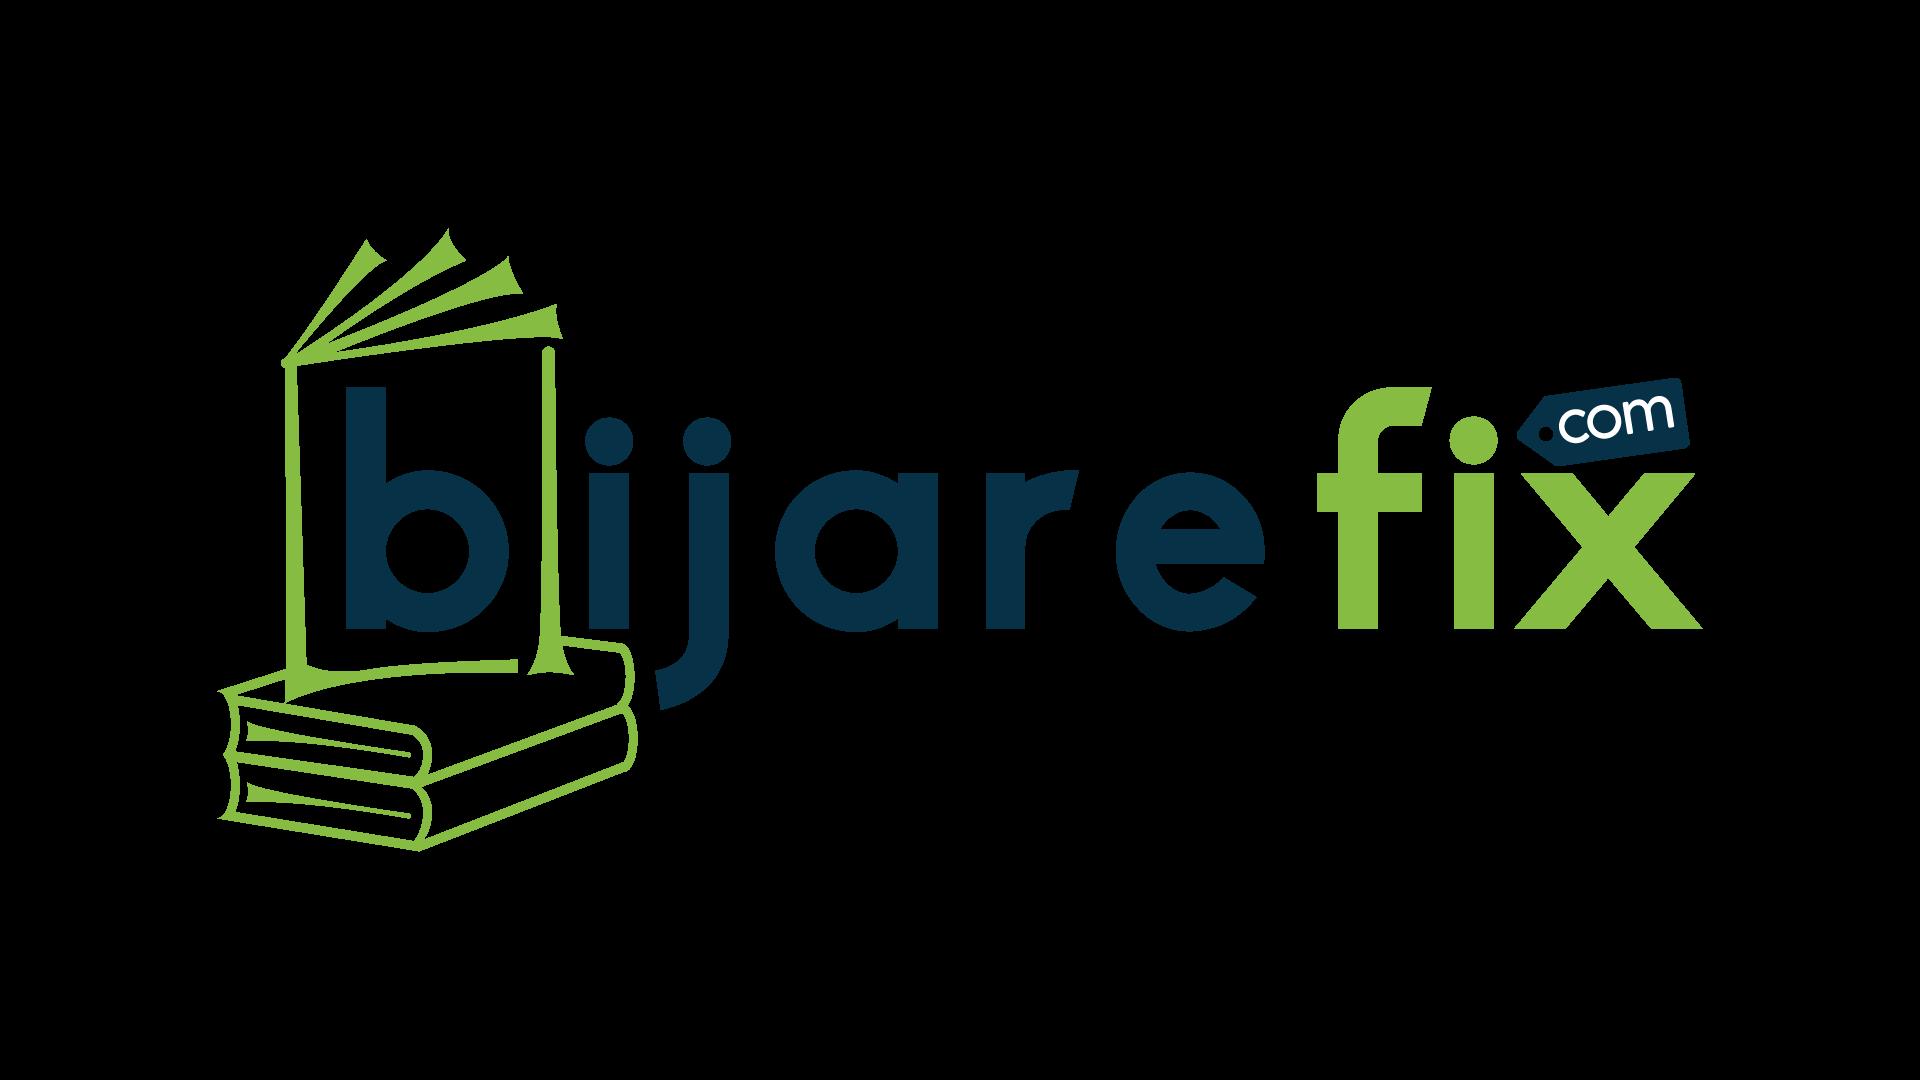 Bijarefix Kitapçılık